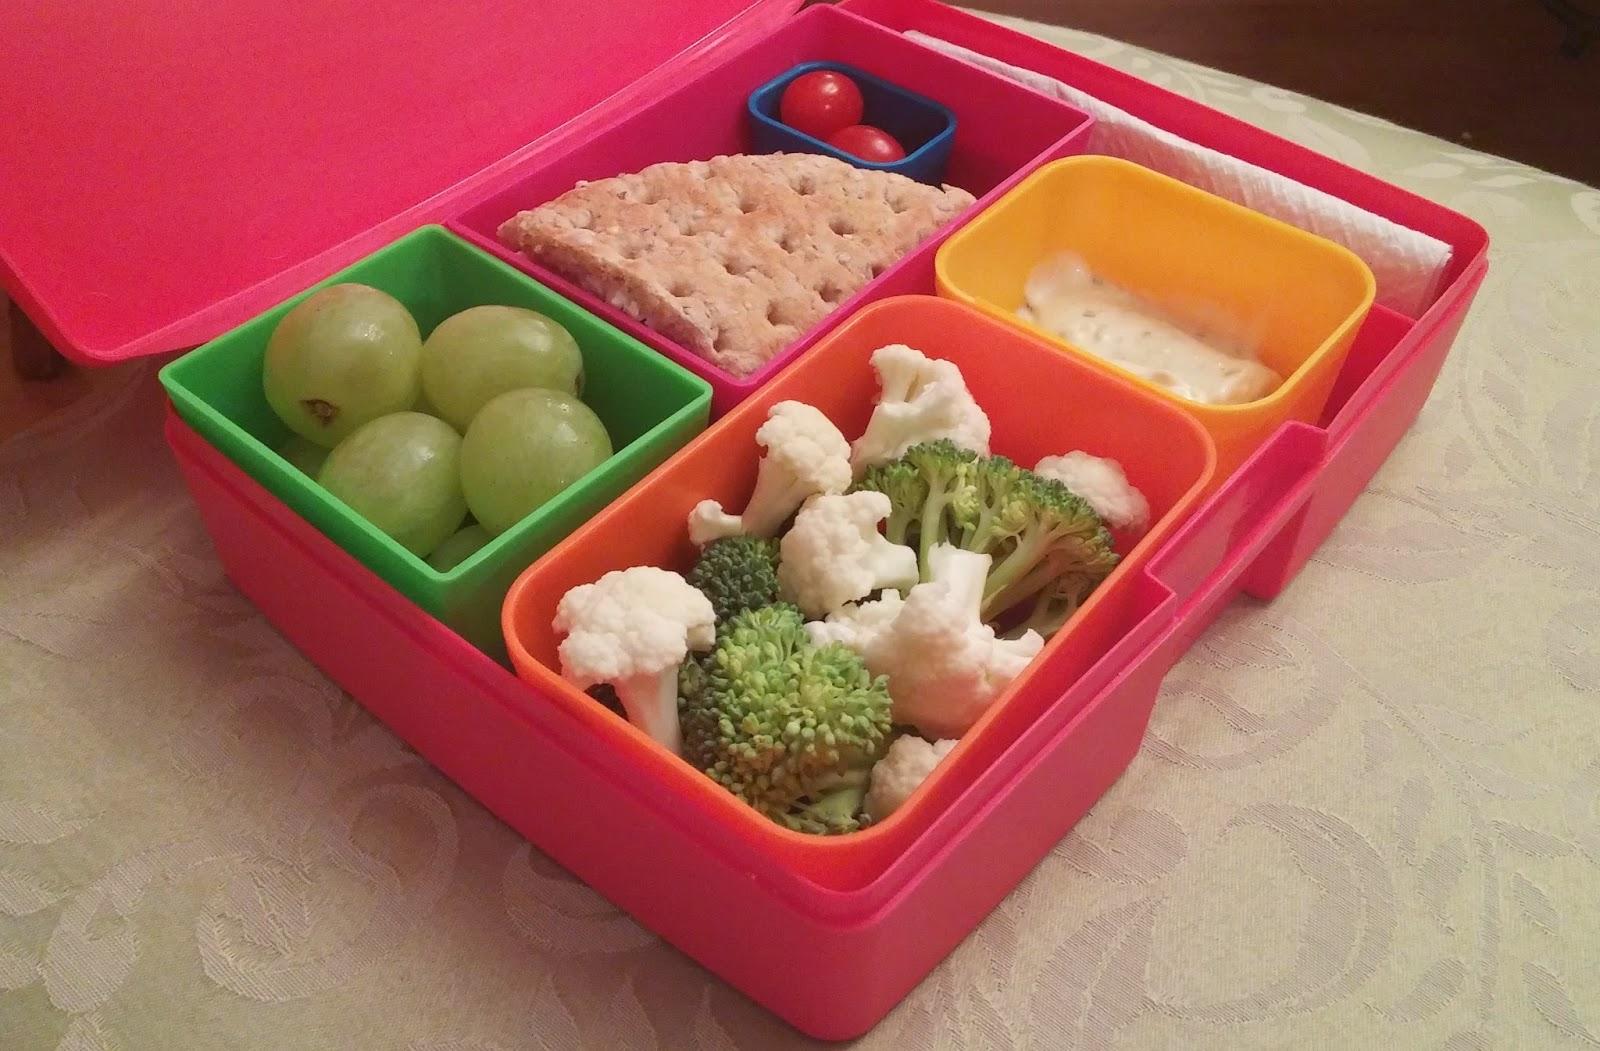 Healthy Lunch Ideas - Good in Every Grain #MyKidsLunch